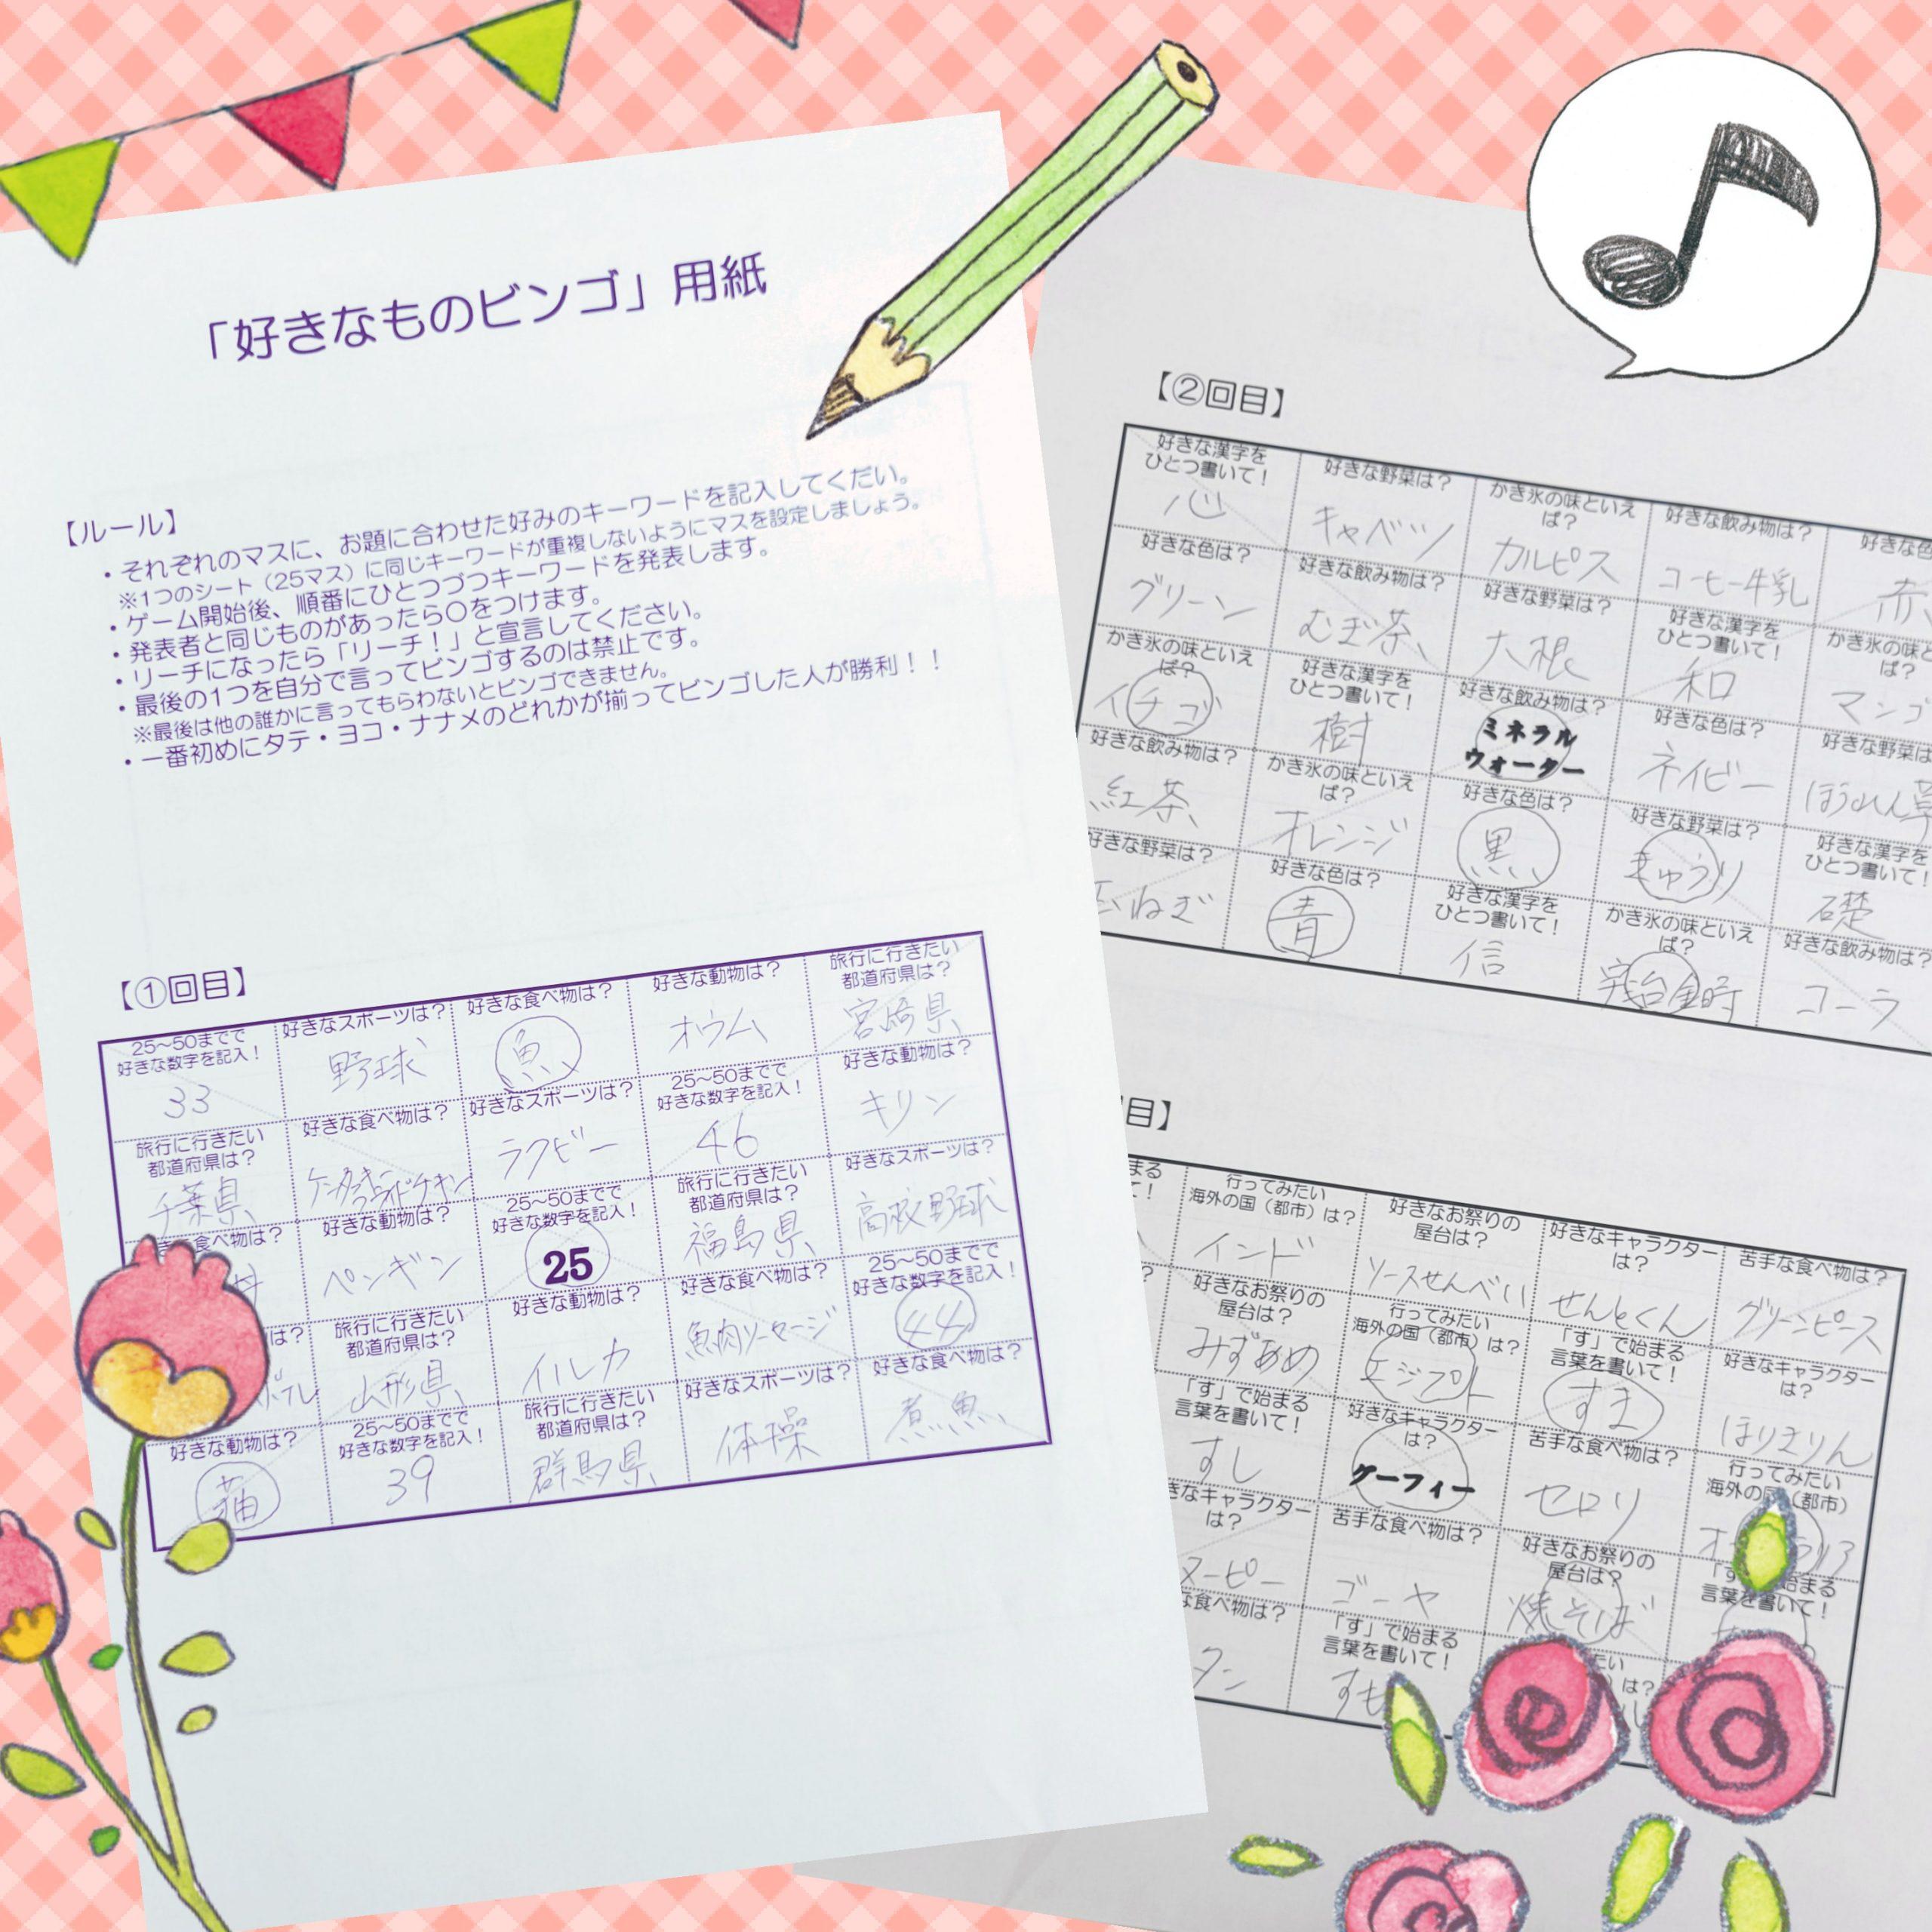 【特別プログラム (柏)】~柏 八千代 津田沼 就労移行 求人~